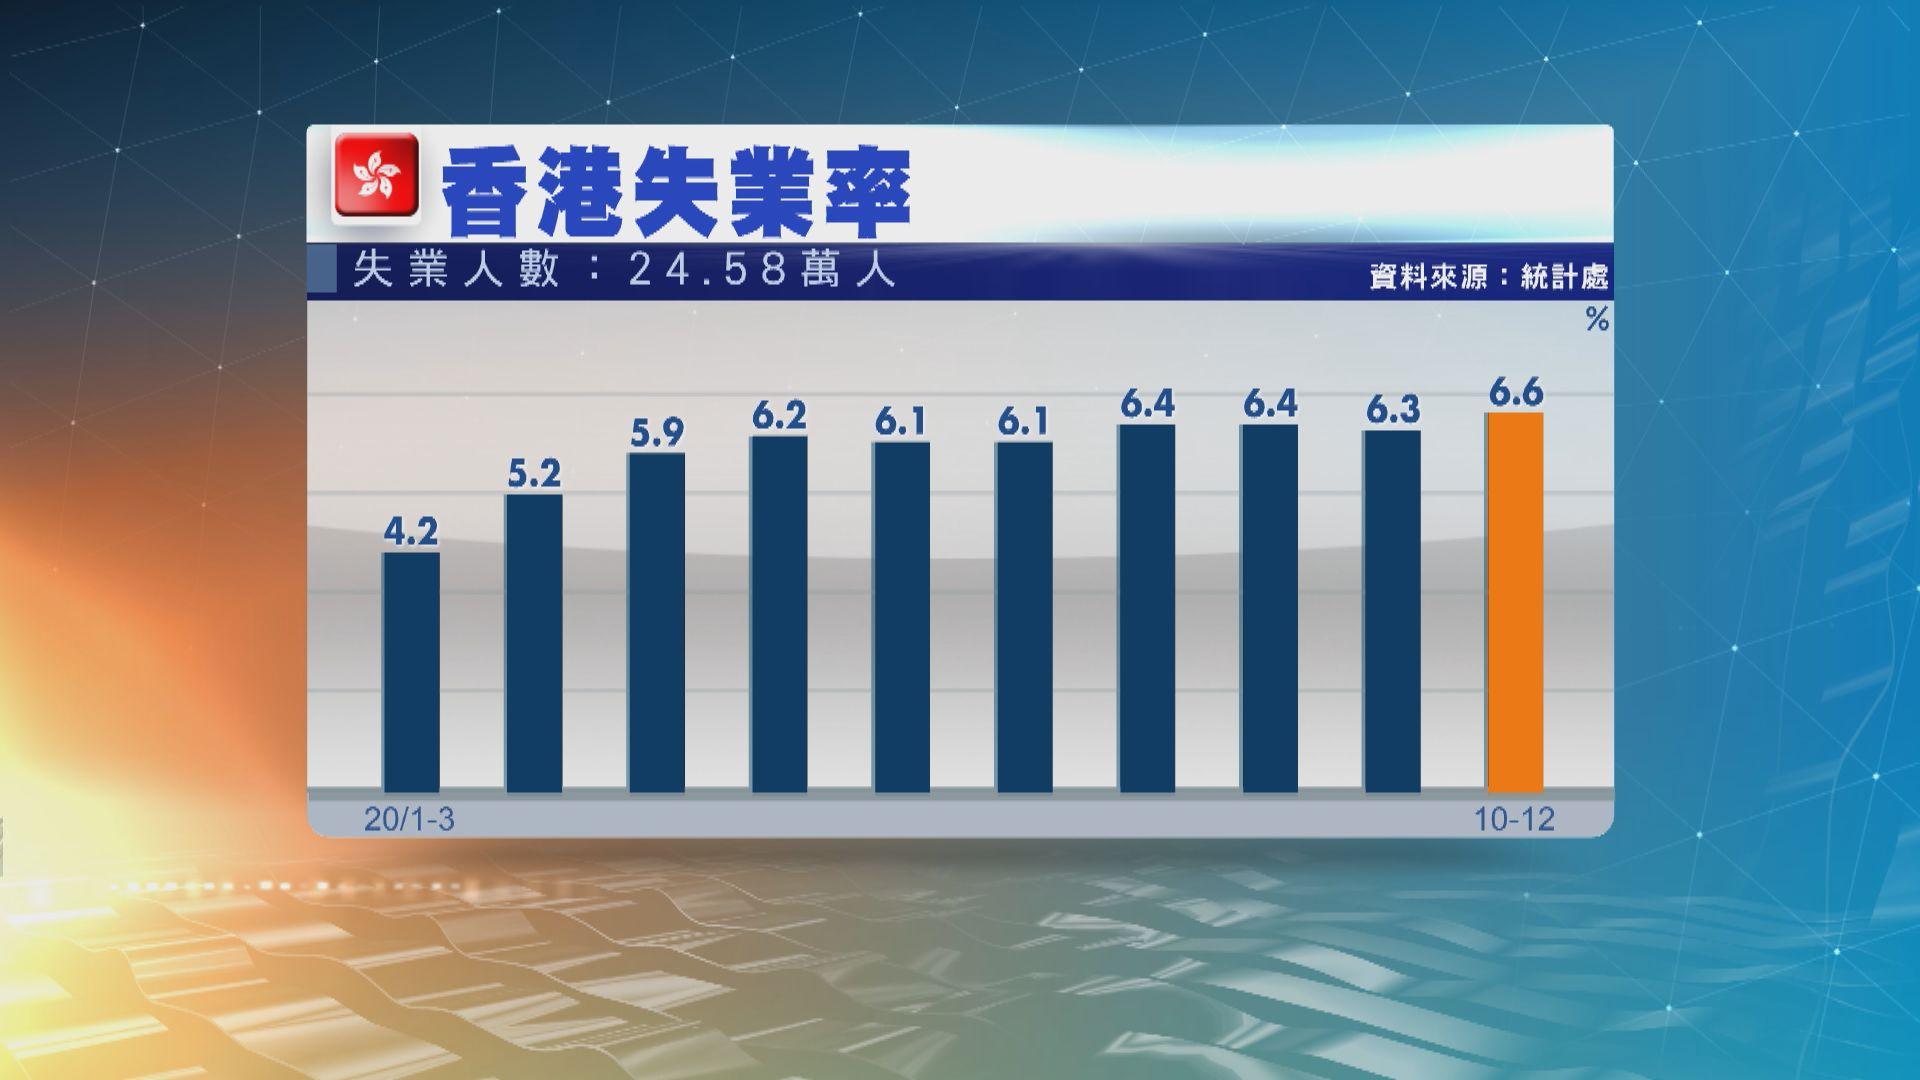 本港失業率回升至6.6% 見16年來高位